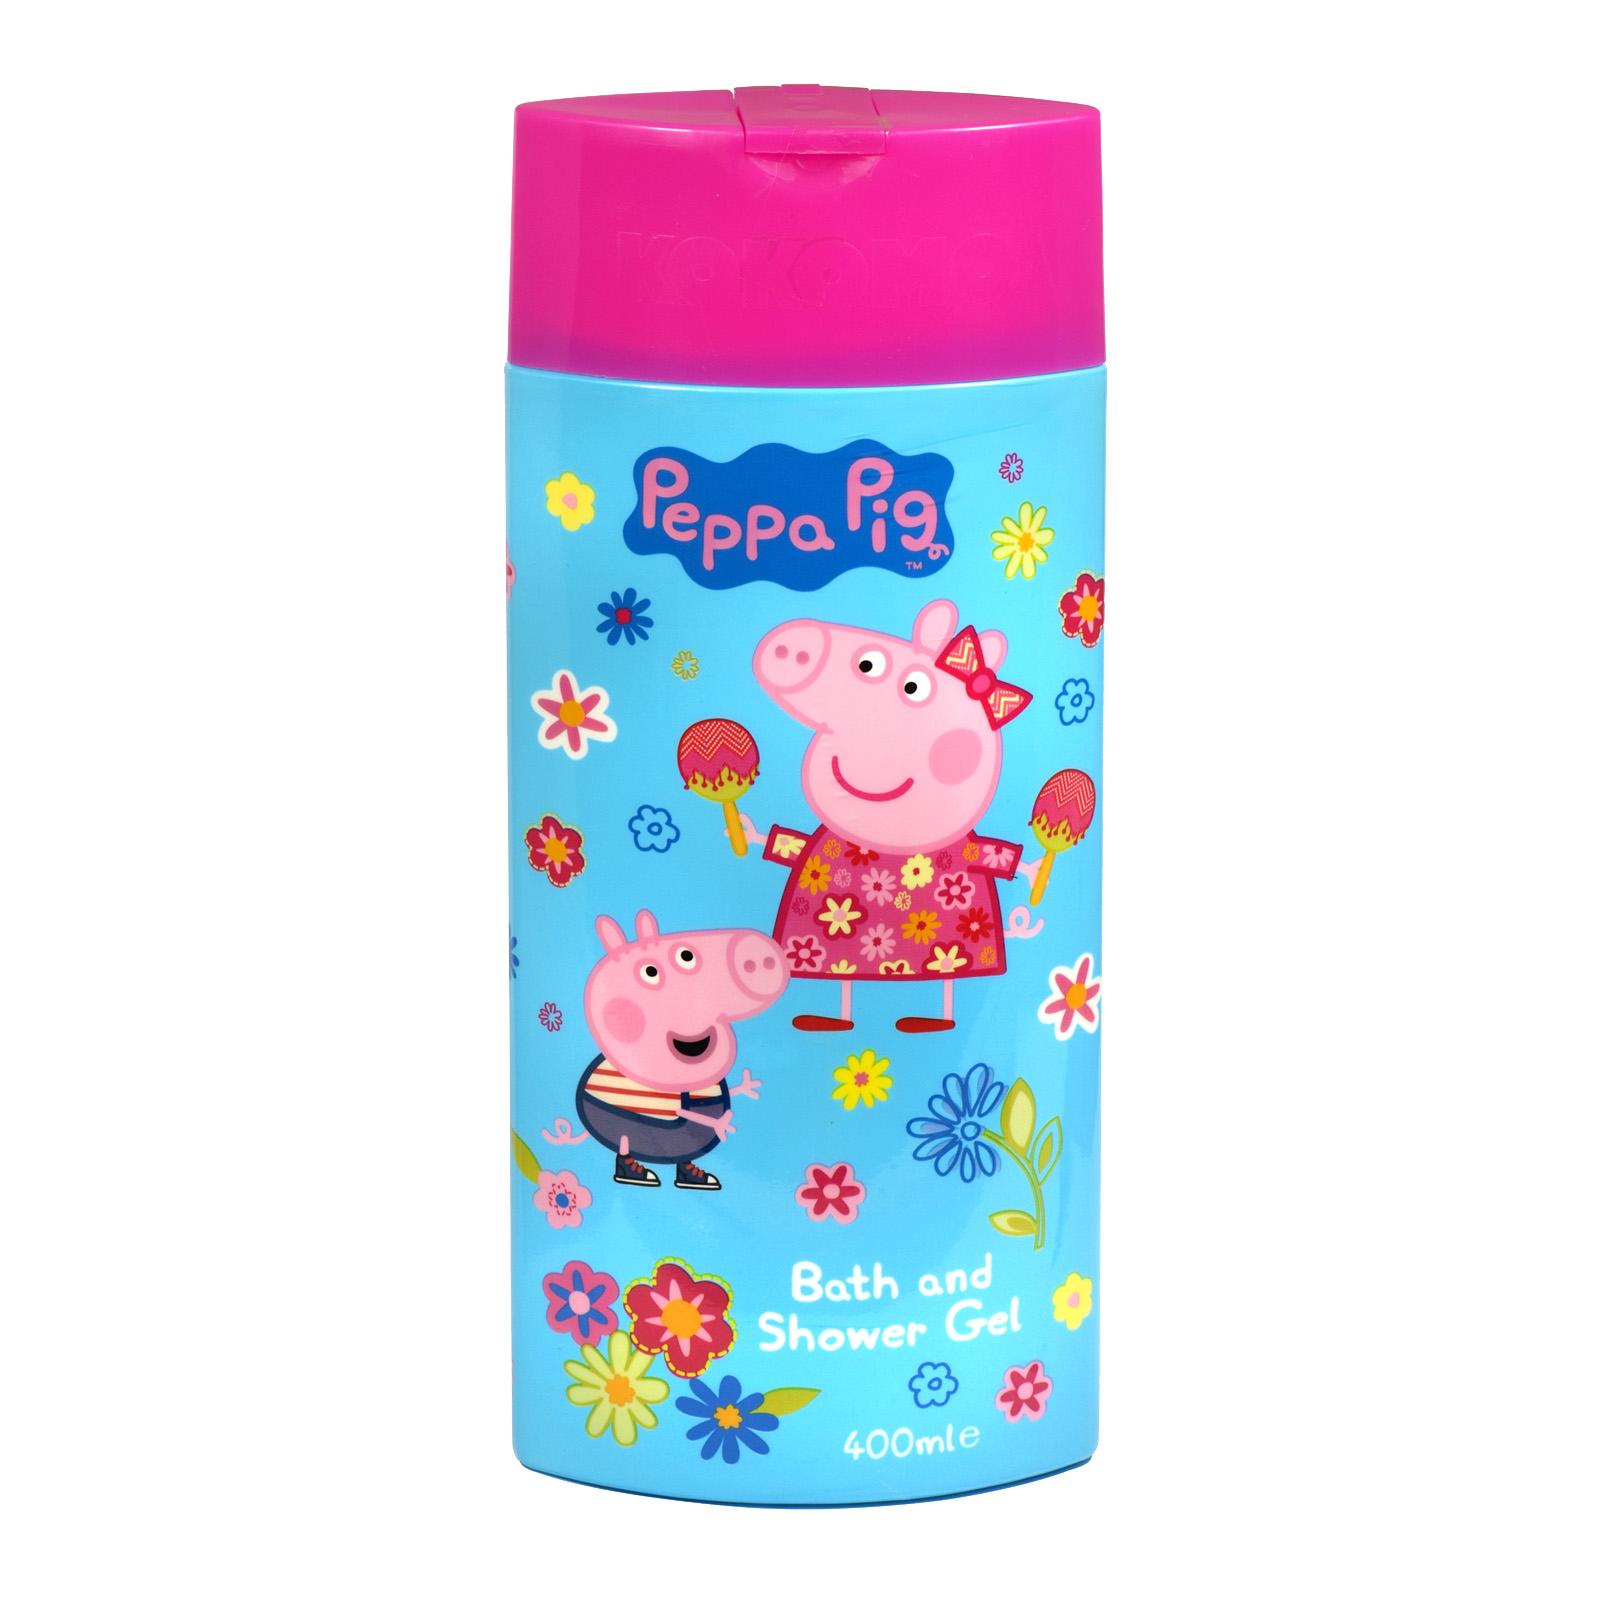 PEPPA PIG 400ML BATH & SHOWER GEL